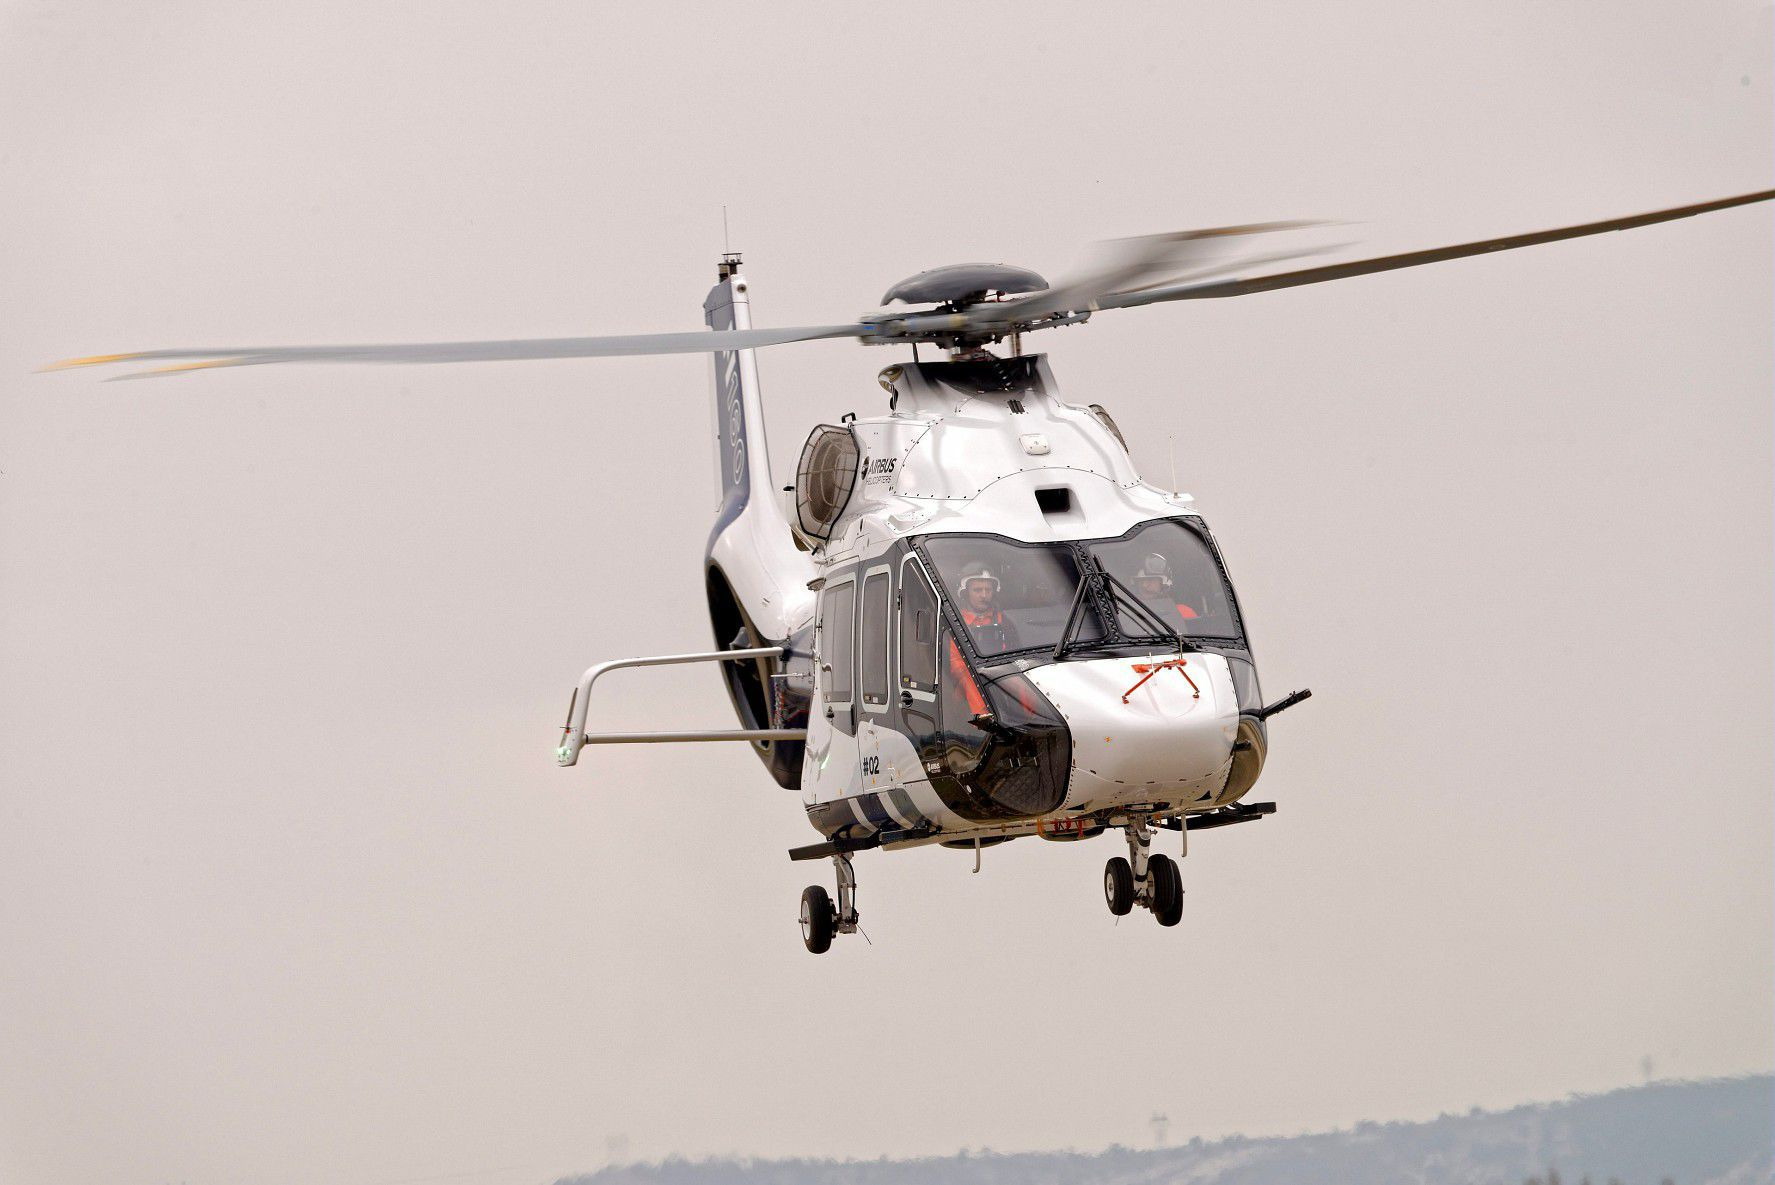 11~20人ヘリコプター H160医療搬送民間輸送機用ビジネス